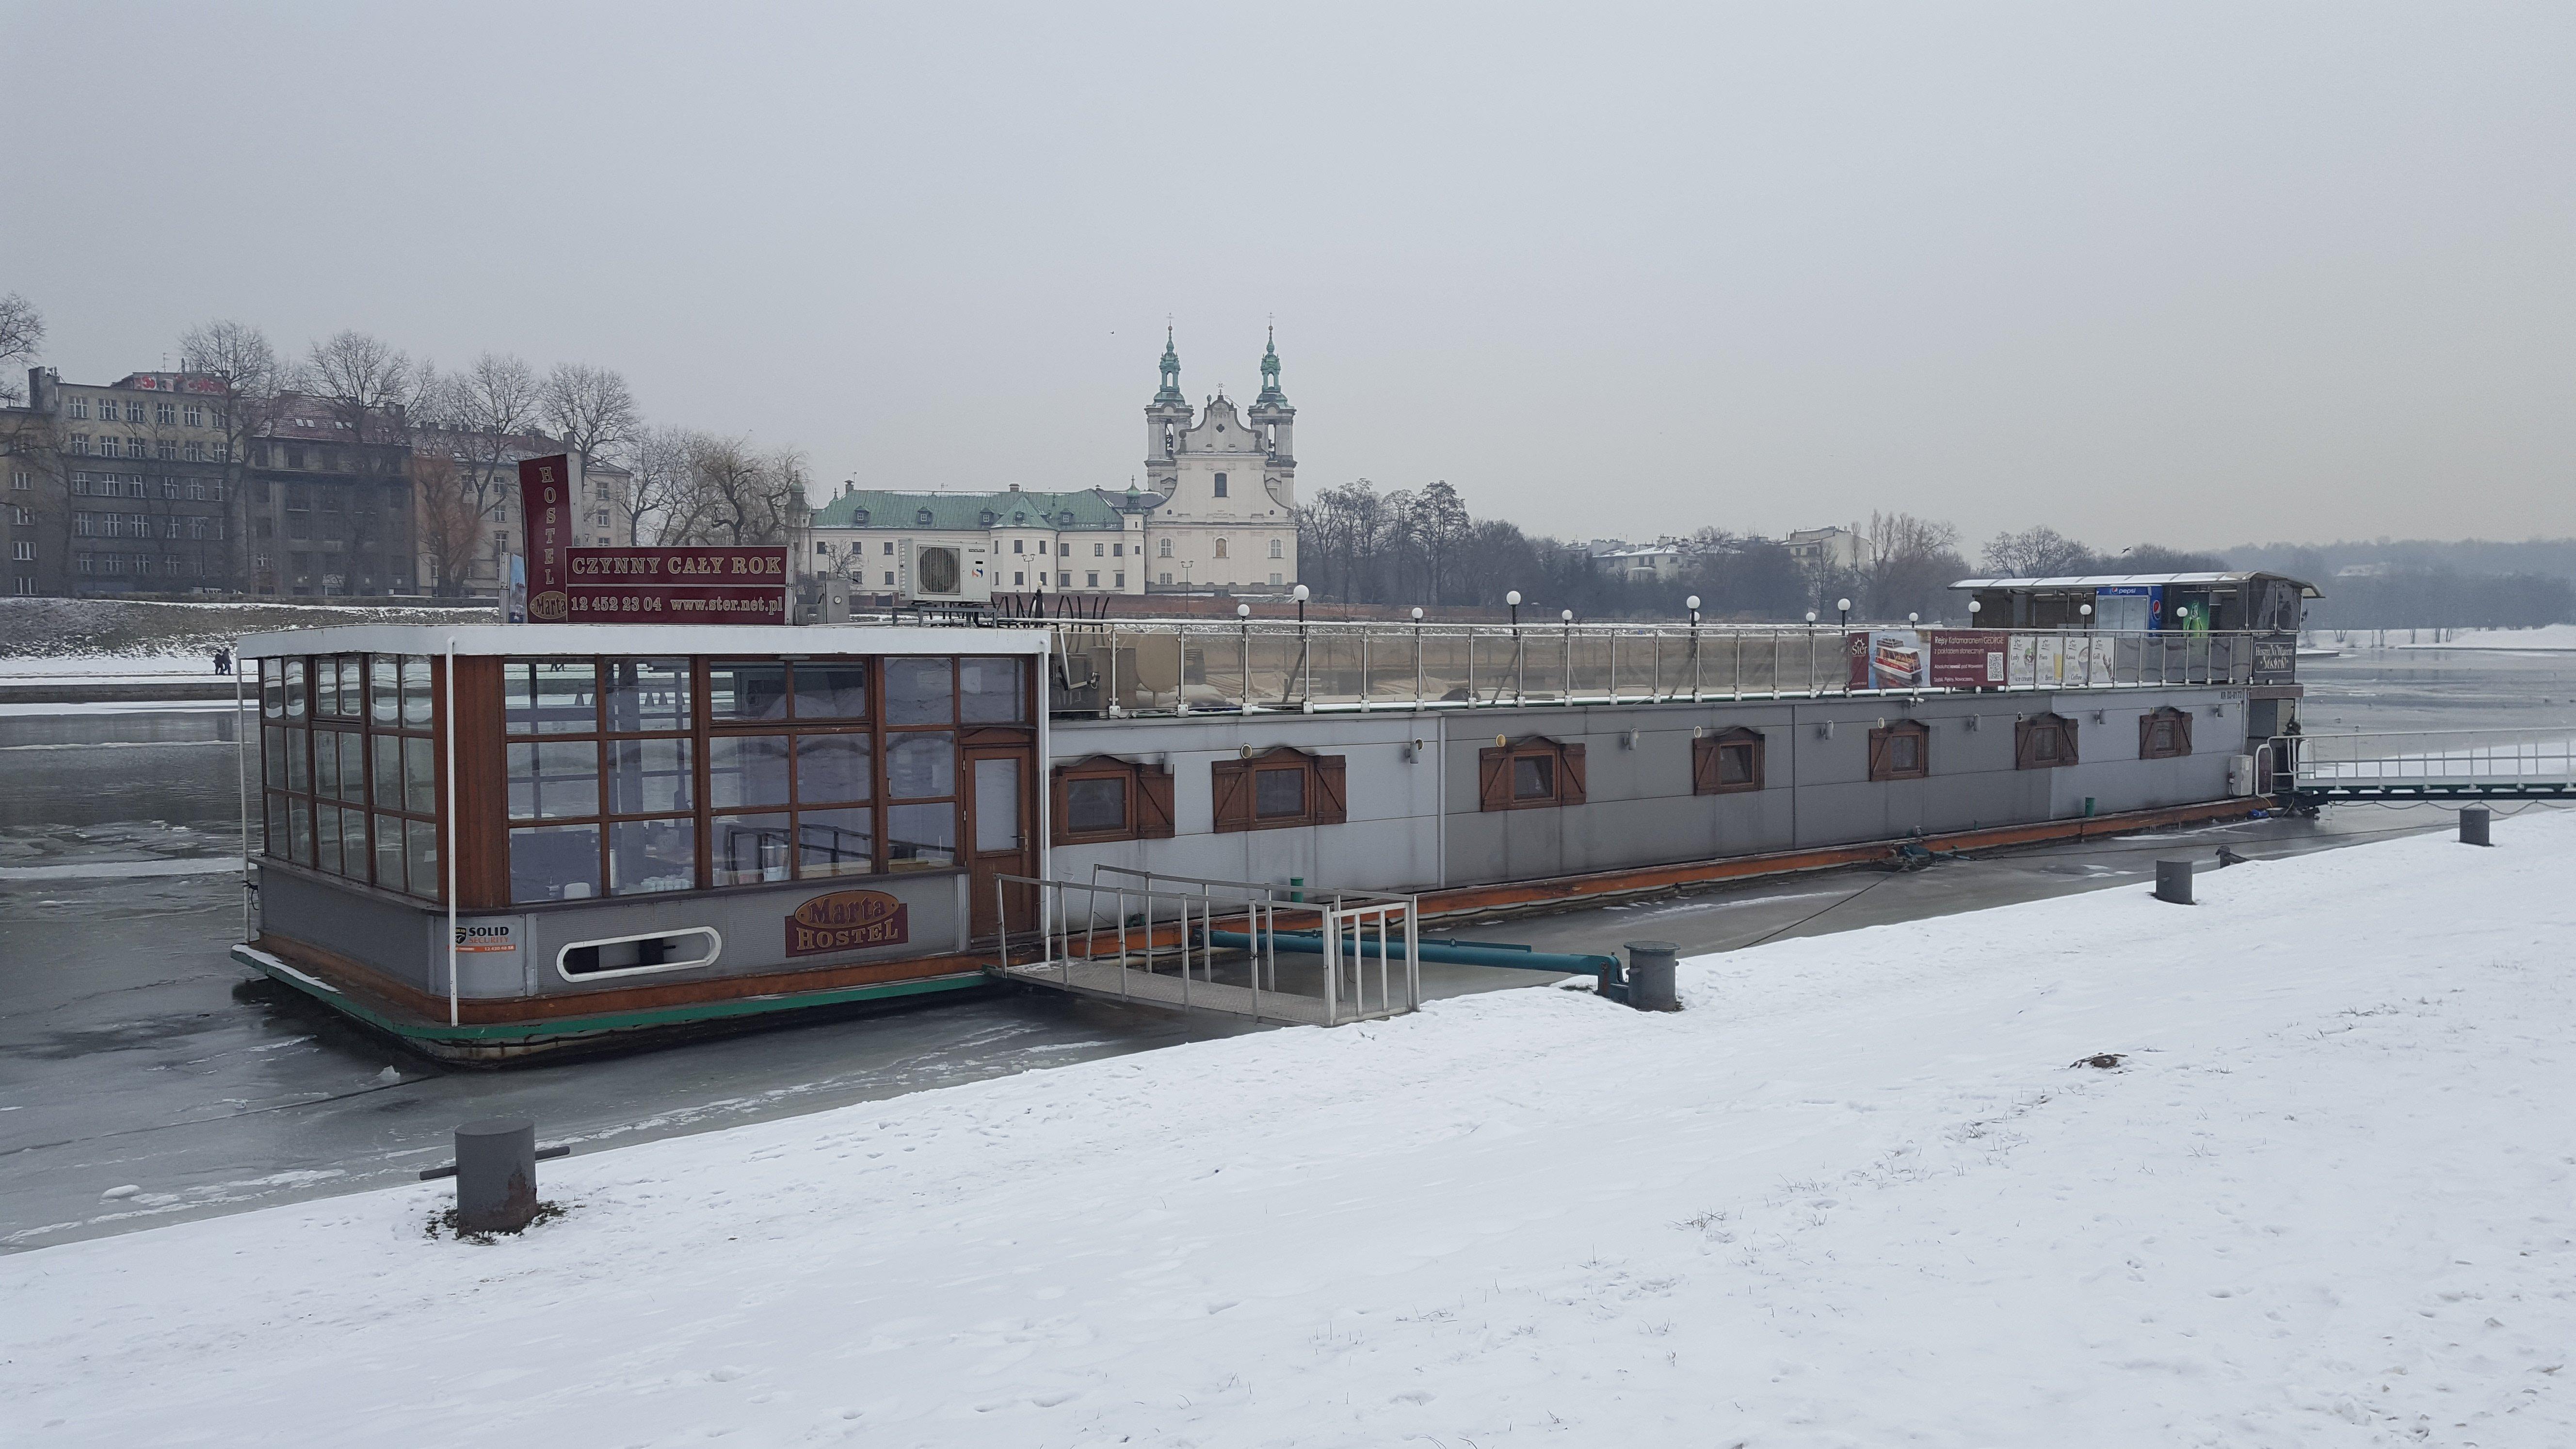 Hotelik on the Water Marta